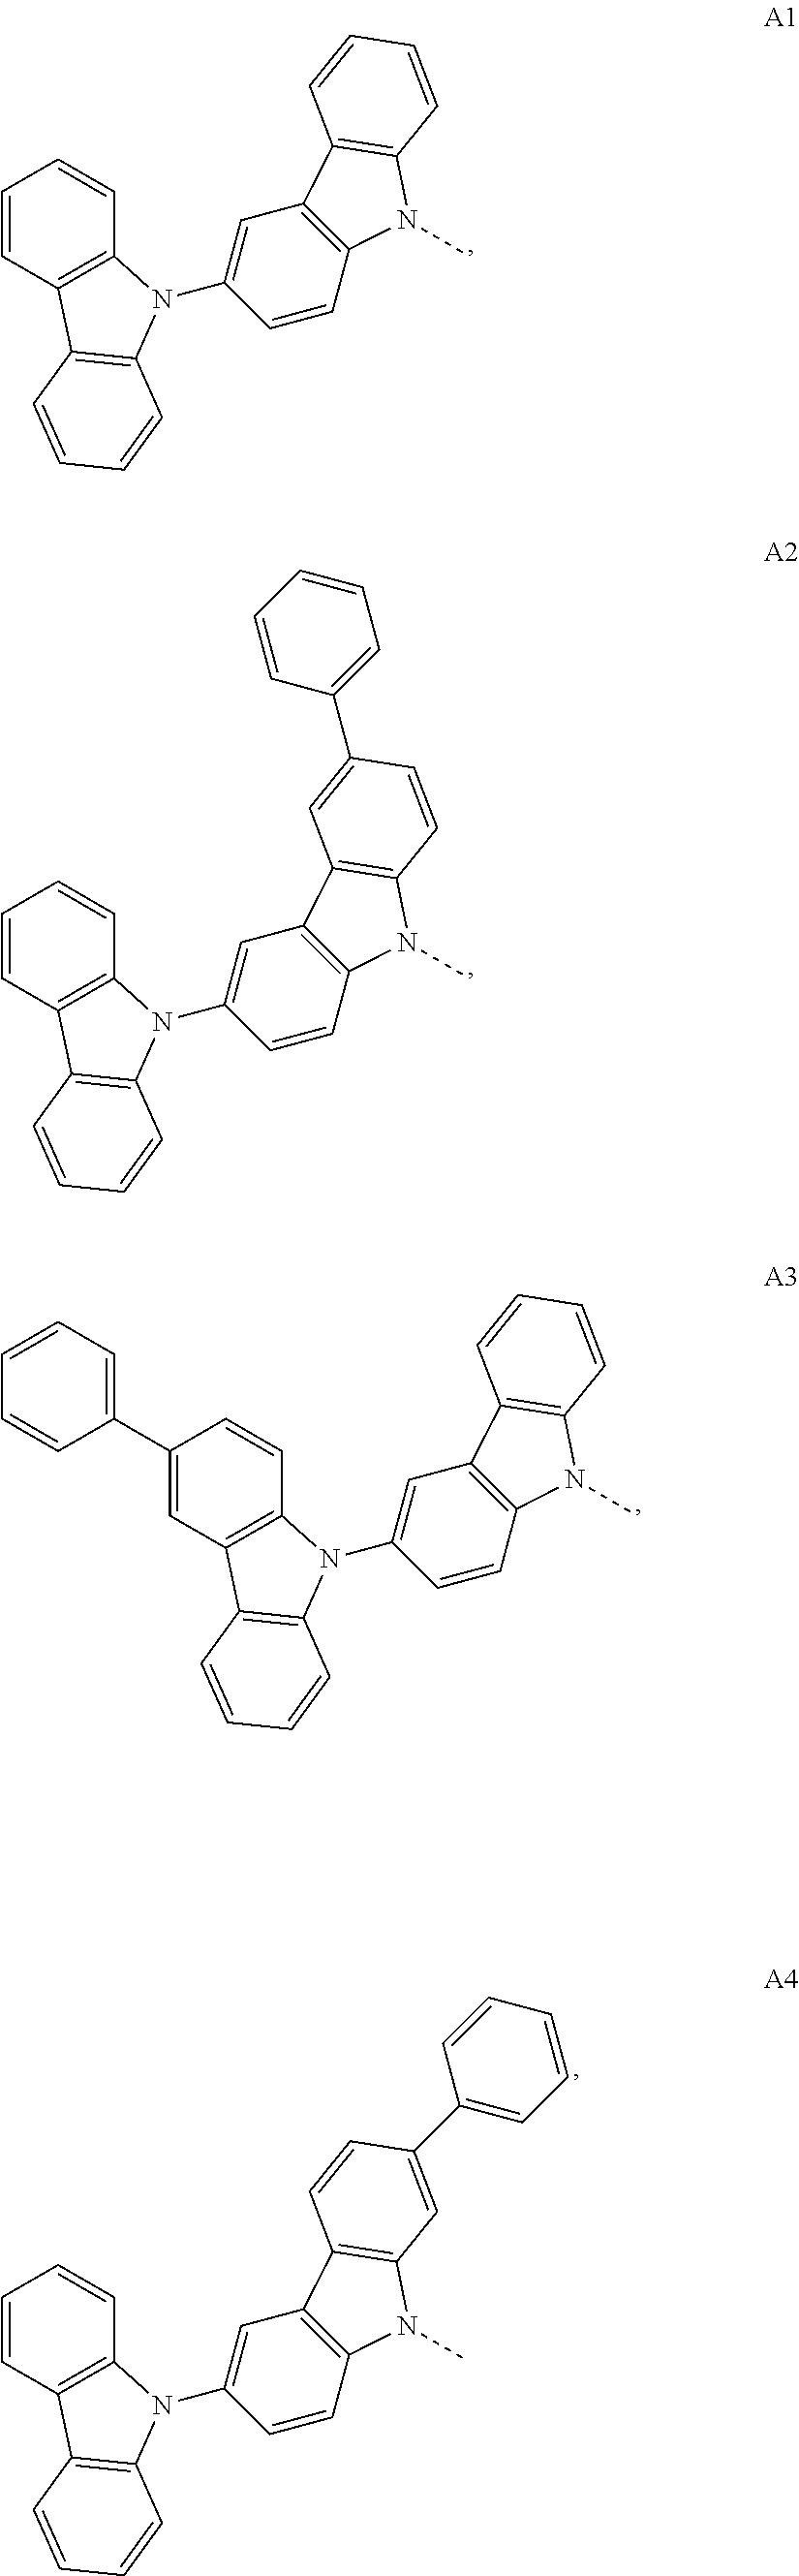 Figure US09876173-20180123-C00243